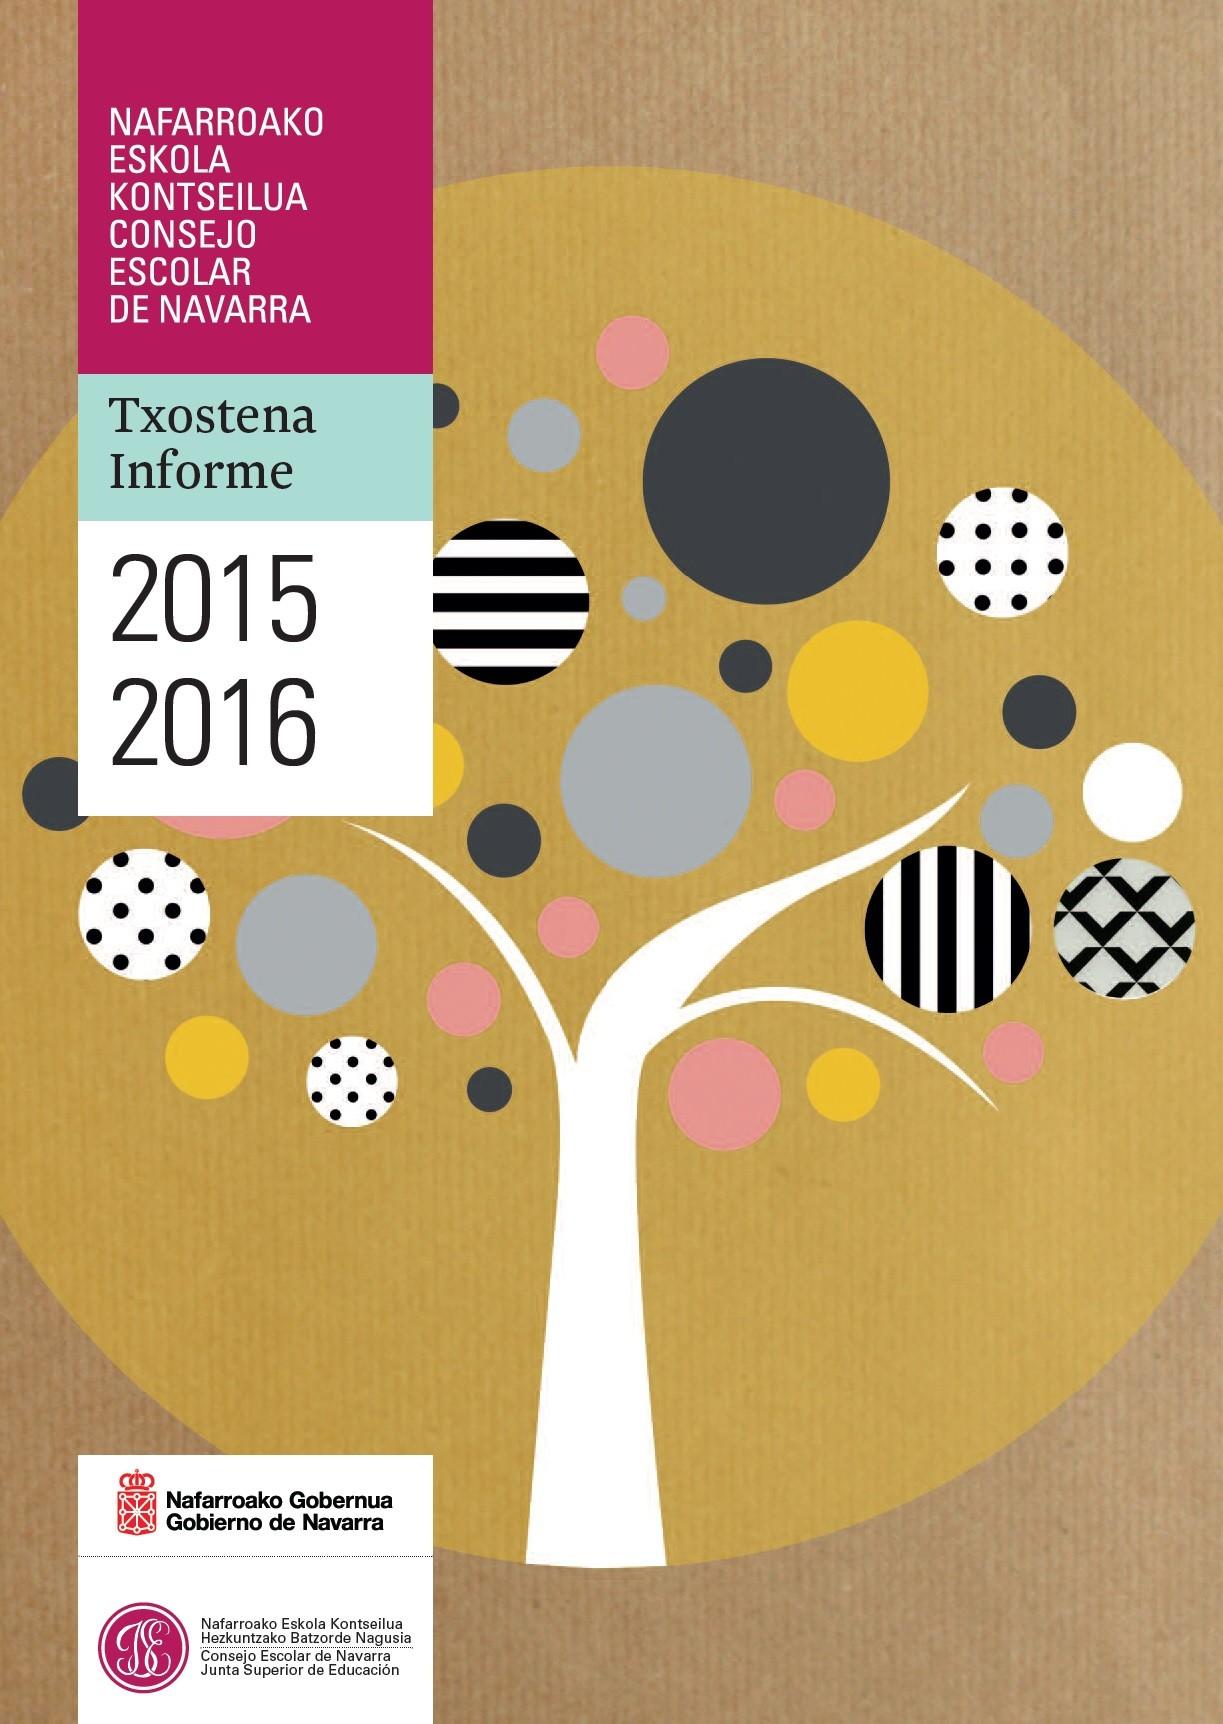 Calendario 2019 Escolar Aragon Más Recientes Captulo 1 22 12 Of Calendario 2019 Escolar Aragon Más Reciente Ies Severo Ochoa